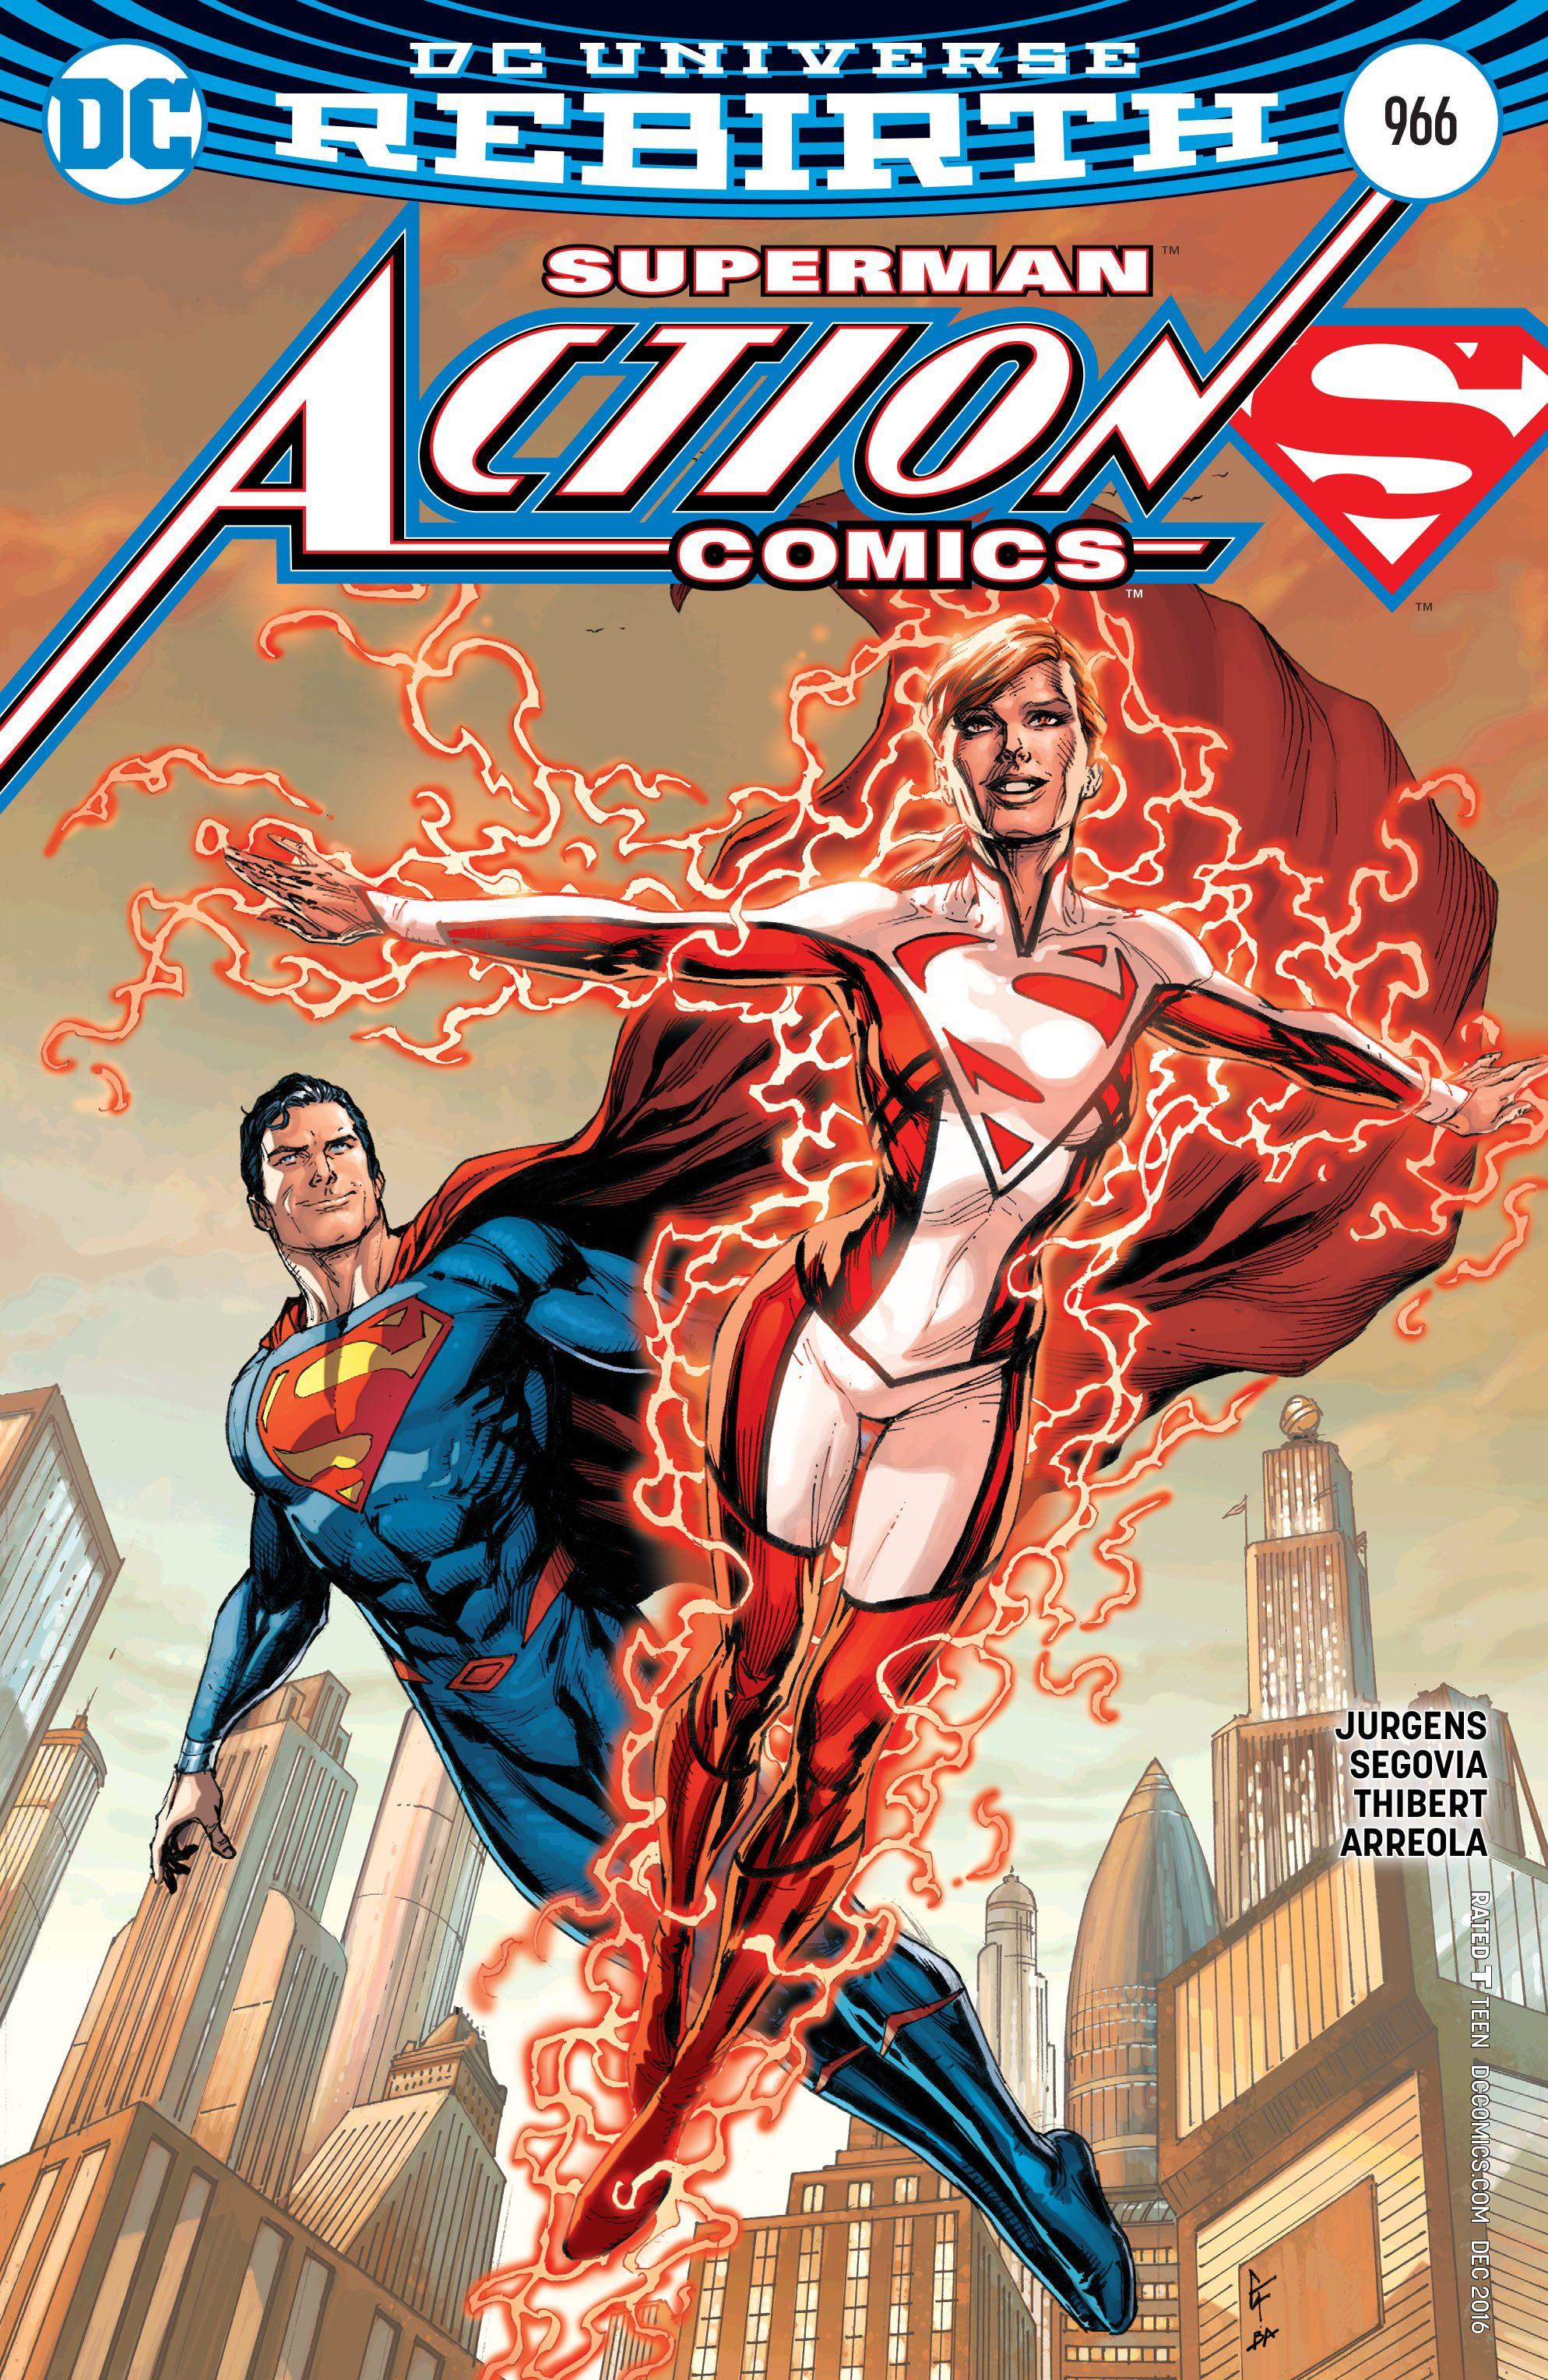 Action Comics Vol 1 966 Variant.jpg